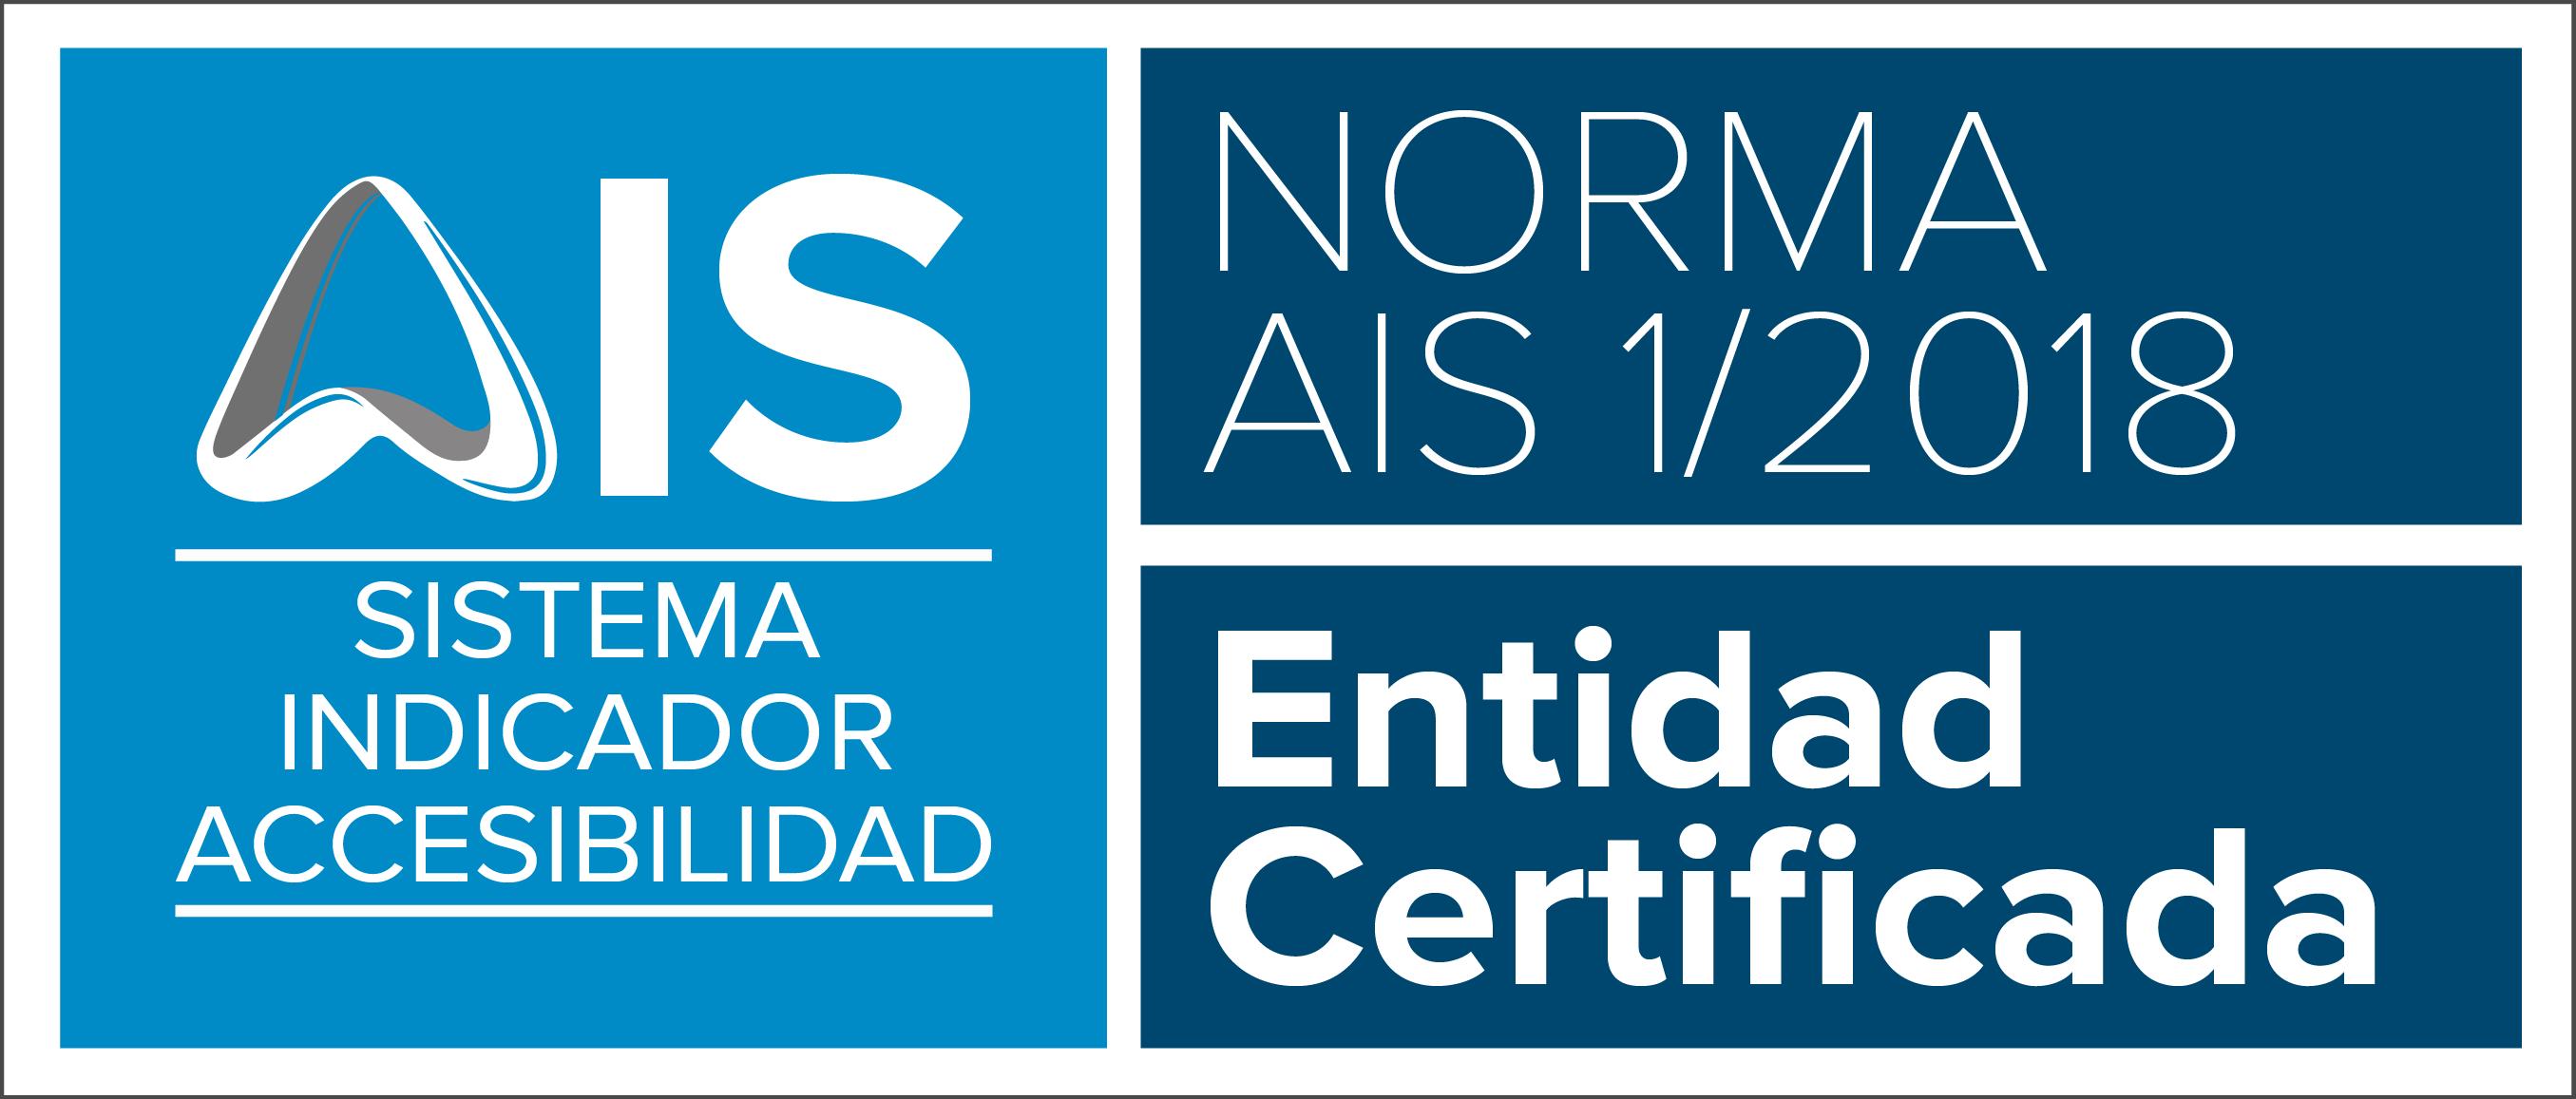 Logotipo ENTIDAD CERTIFICADA HORIZONTAL